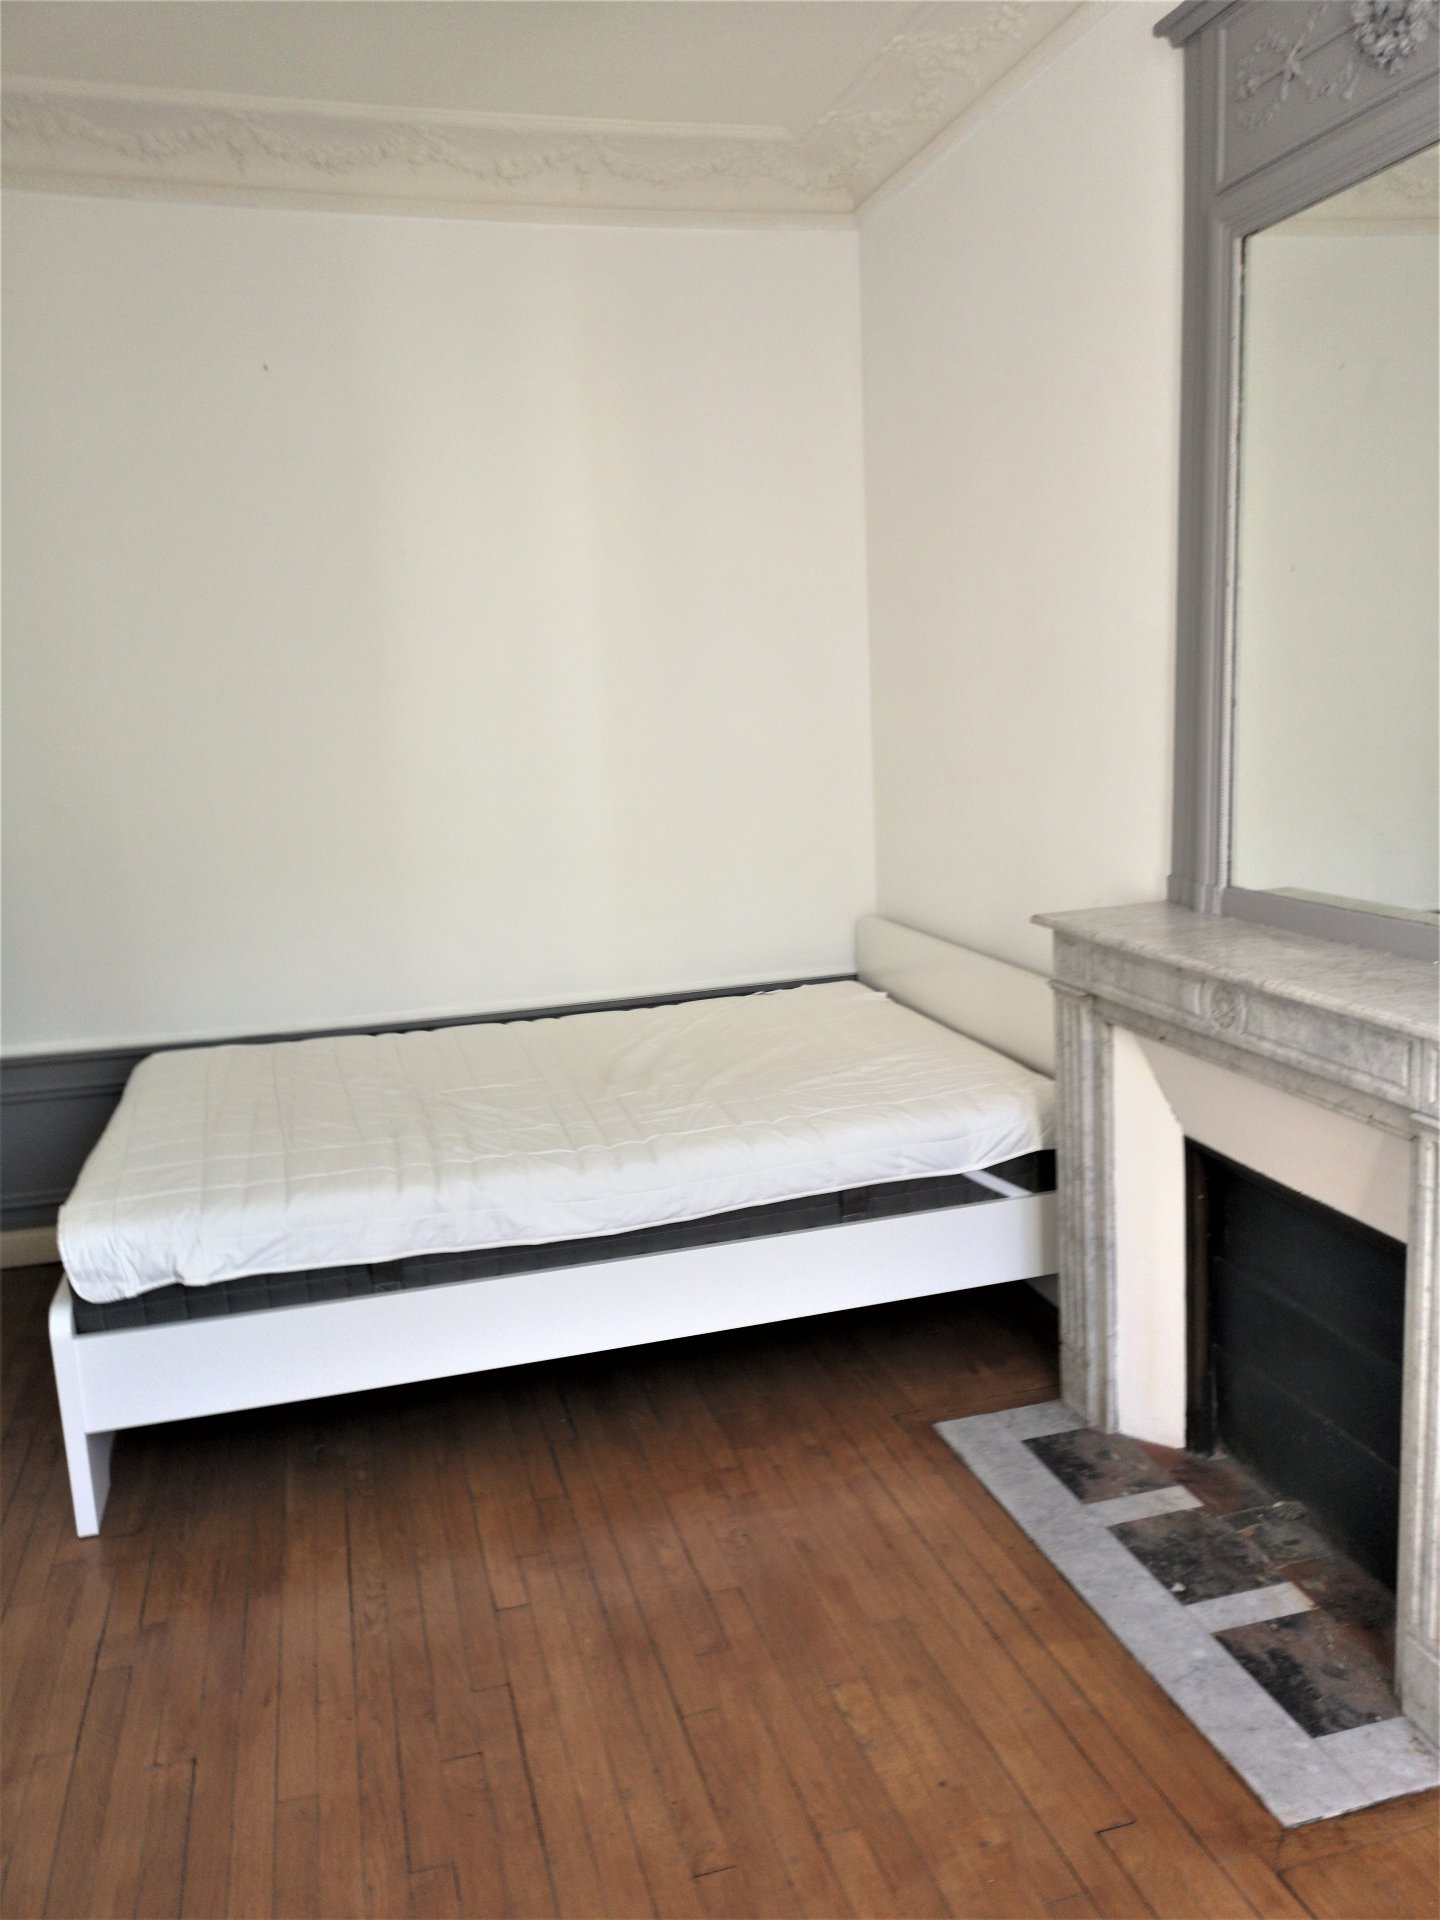 Rental Apartment - Paris 5th (Paris 5ème) Sorbonne